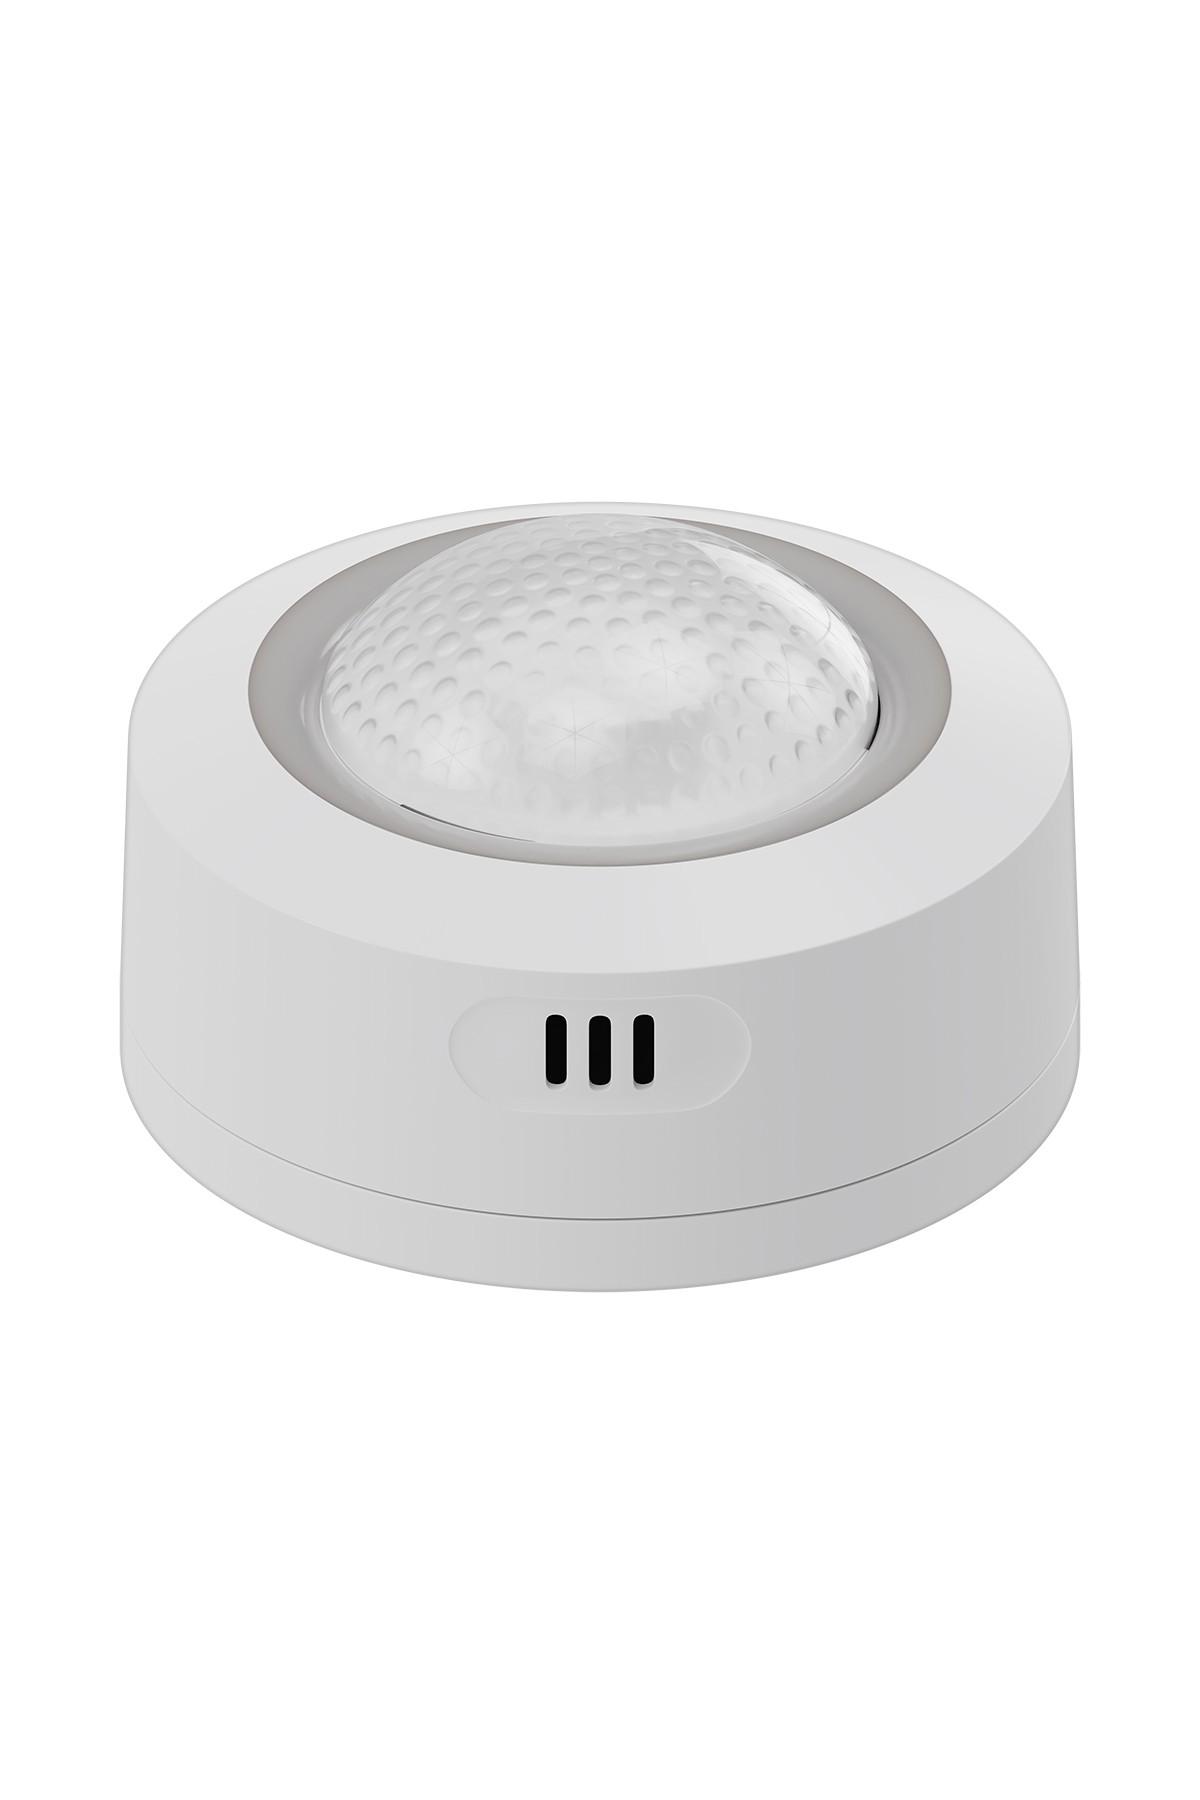 Calex Smart Movement Sensor